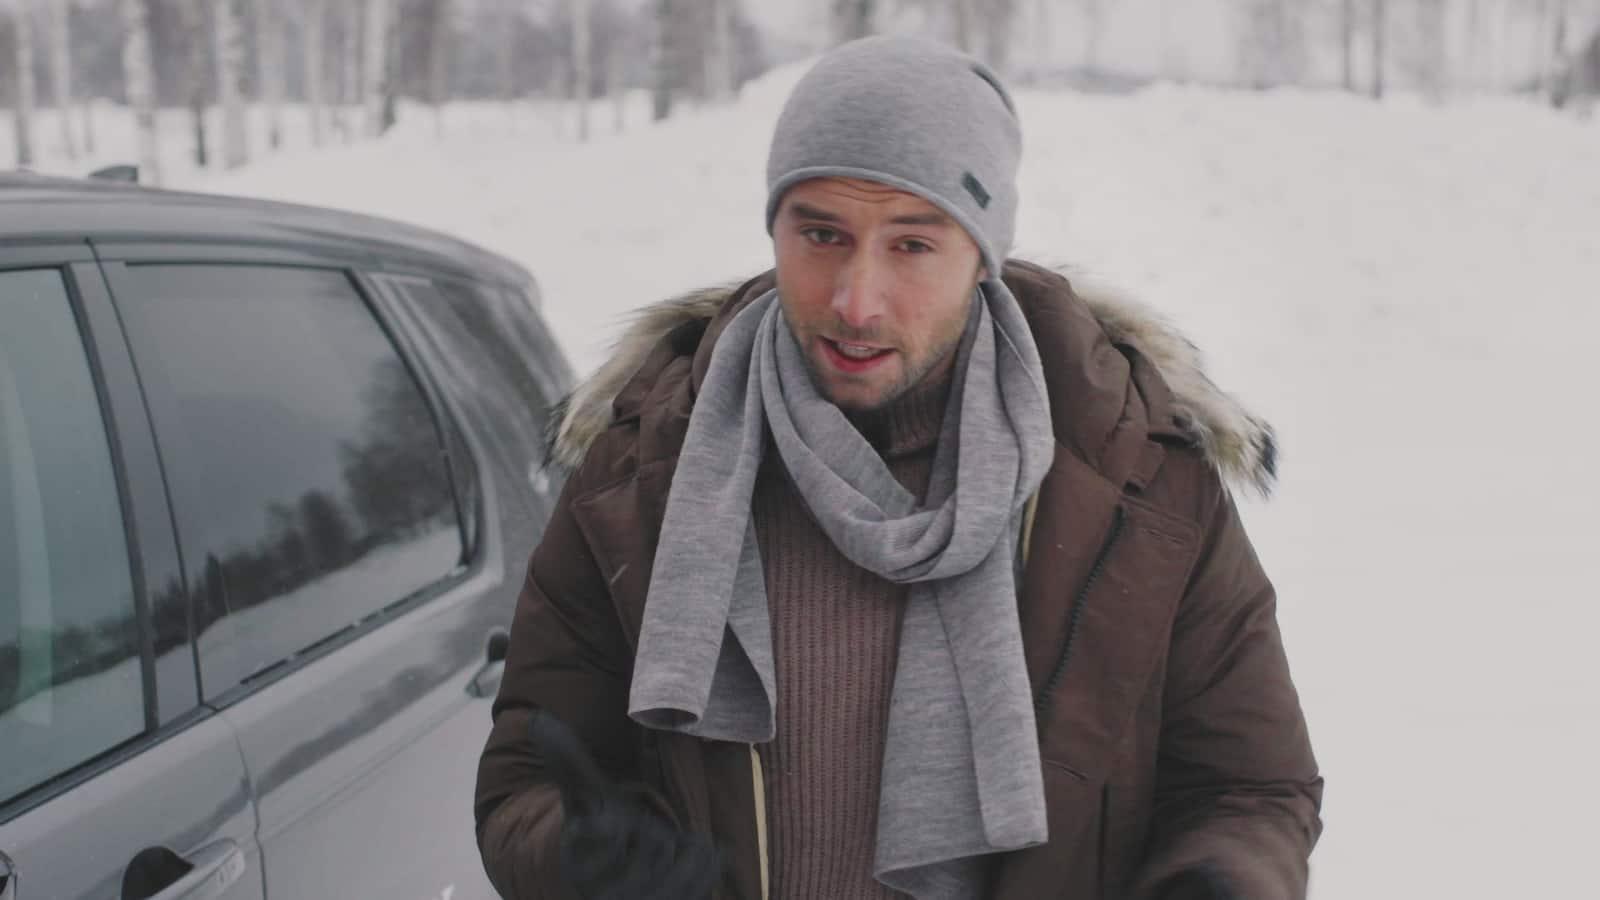 82a553dc24e1 Chevaleresk - Säsong 2 - Avsnitt 6 - TV-serier online - Viaplay.se